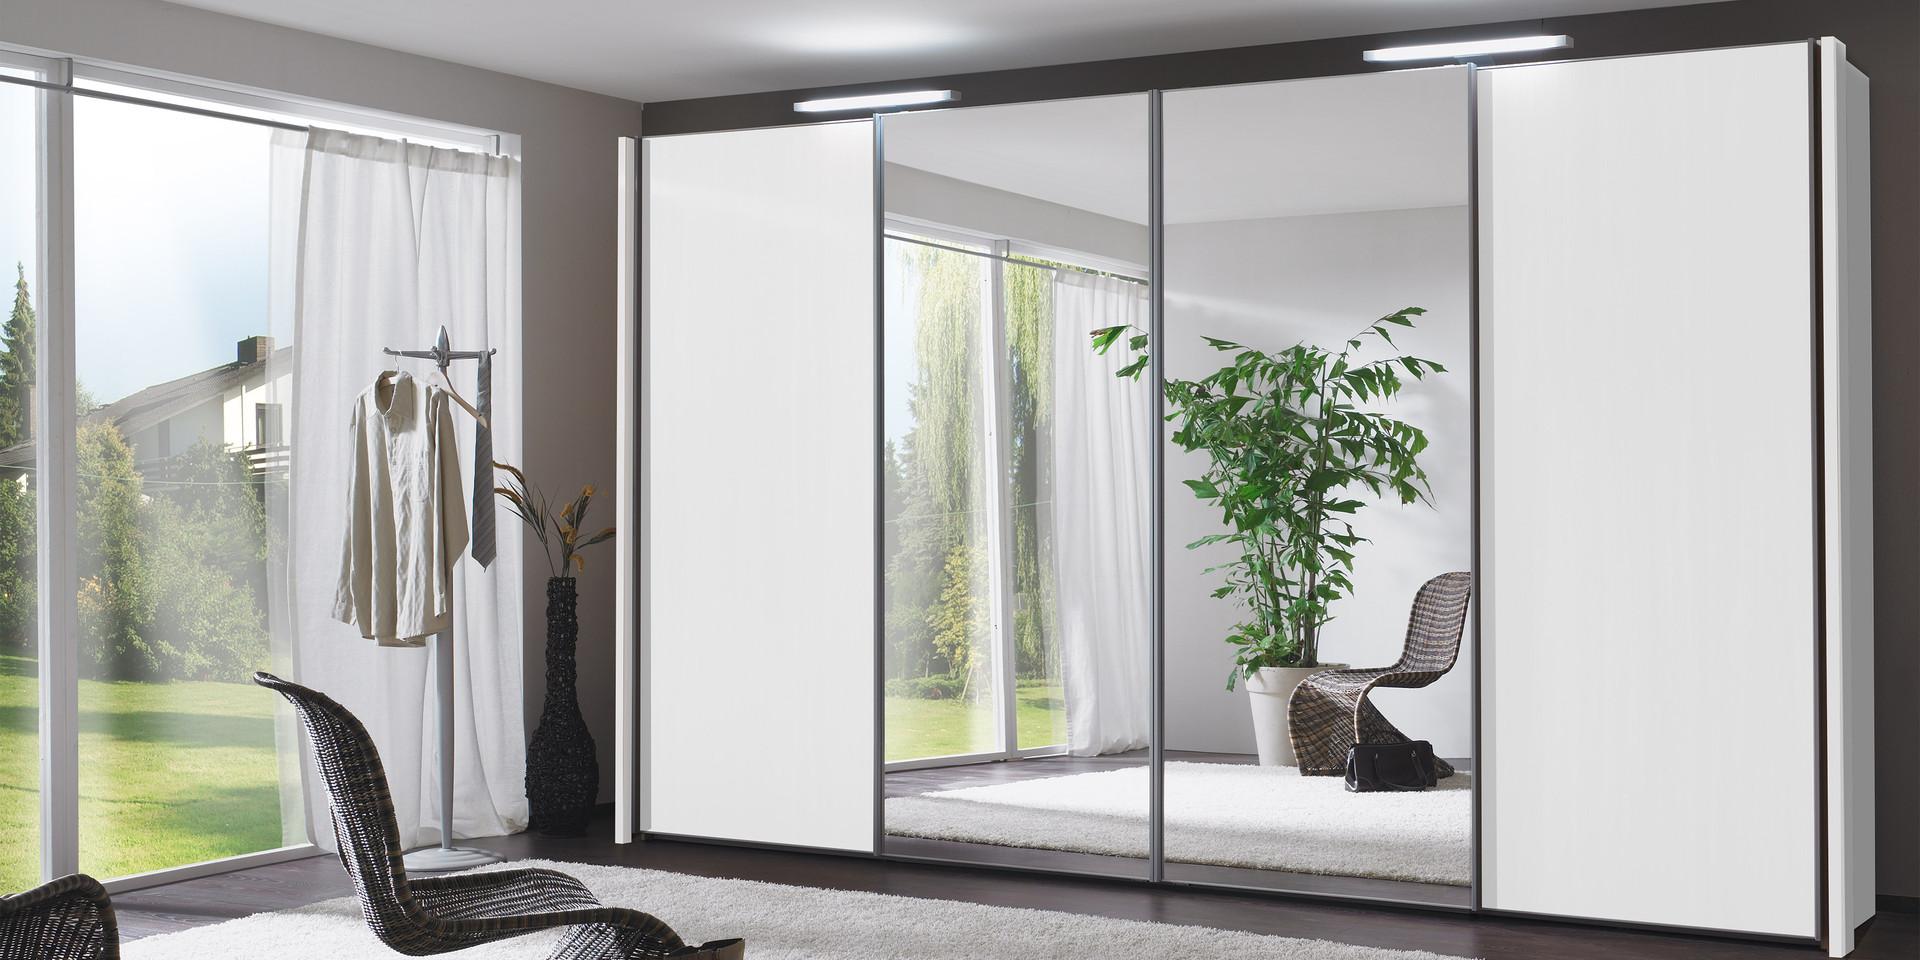 Vielfältige Schranksysteme Möbelhersteller Wiemann - Schranksysteme schlafzimmer